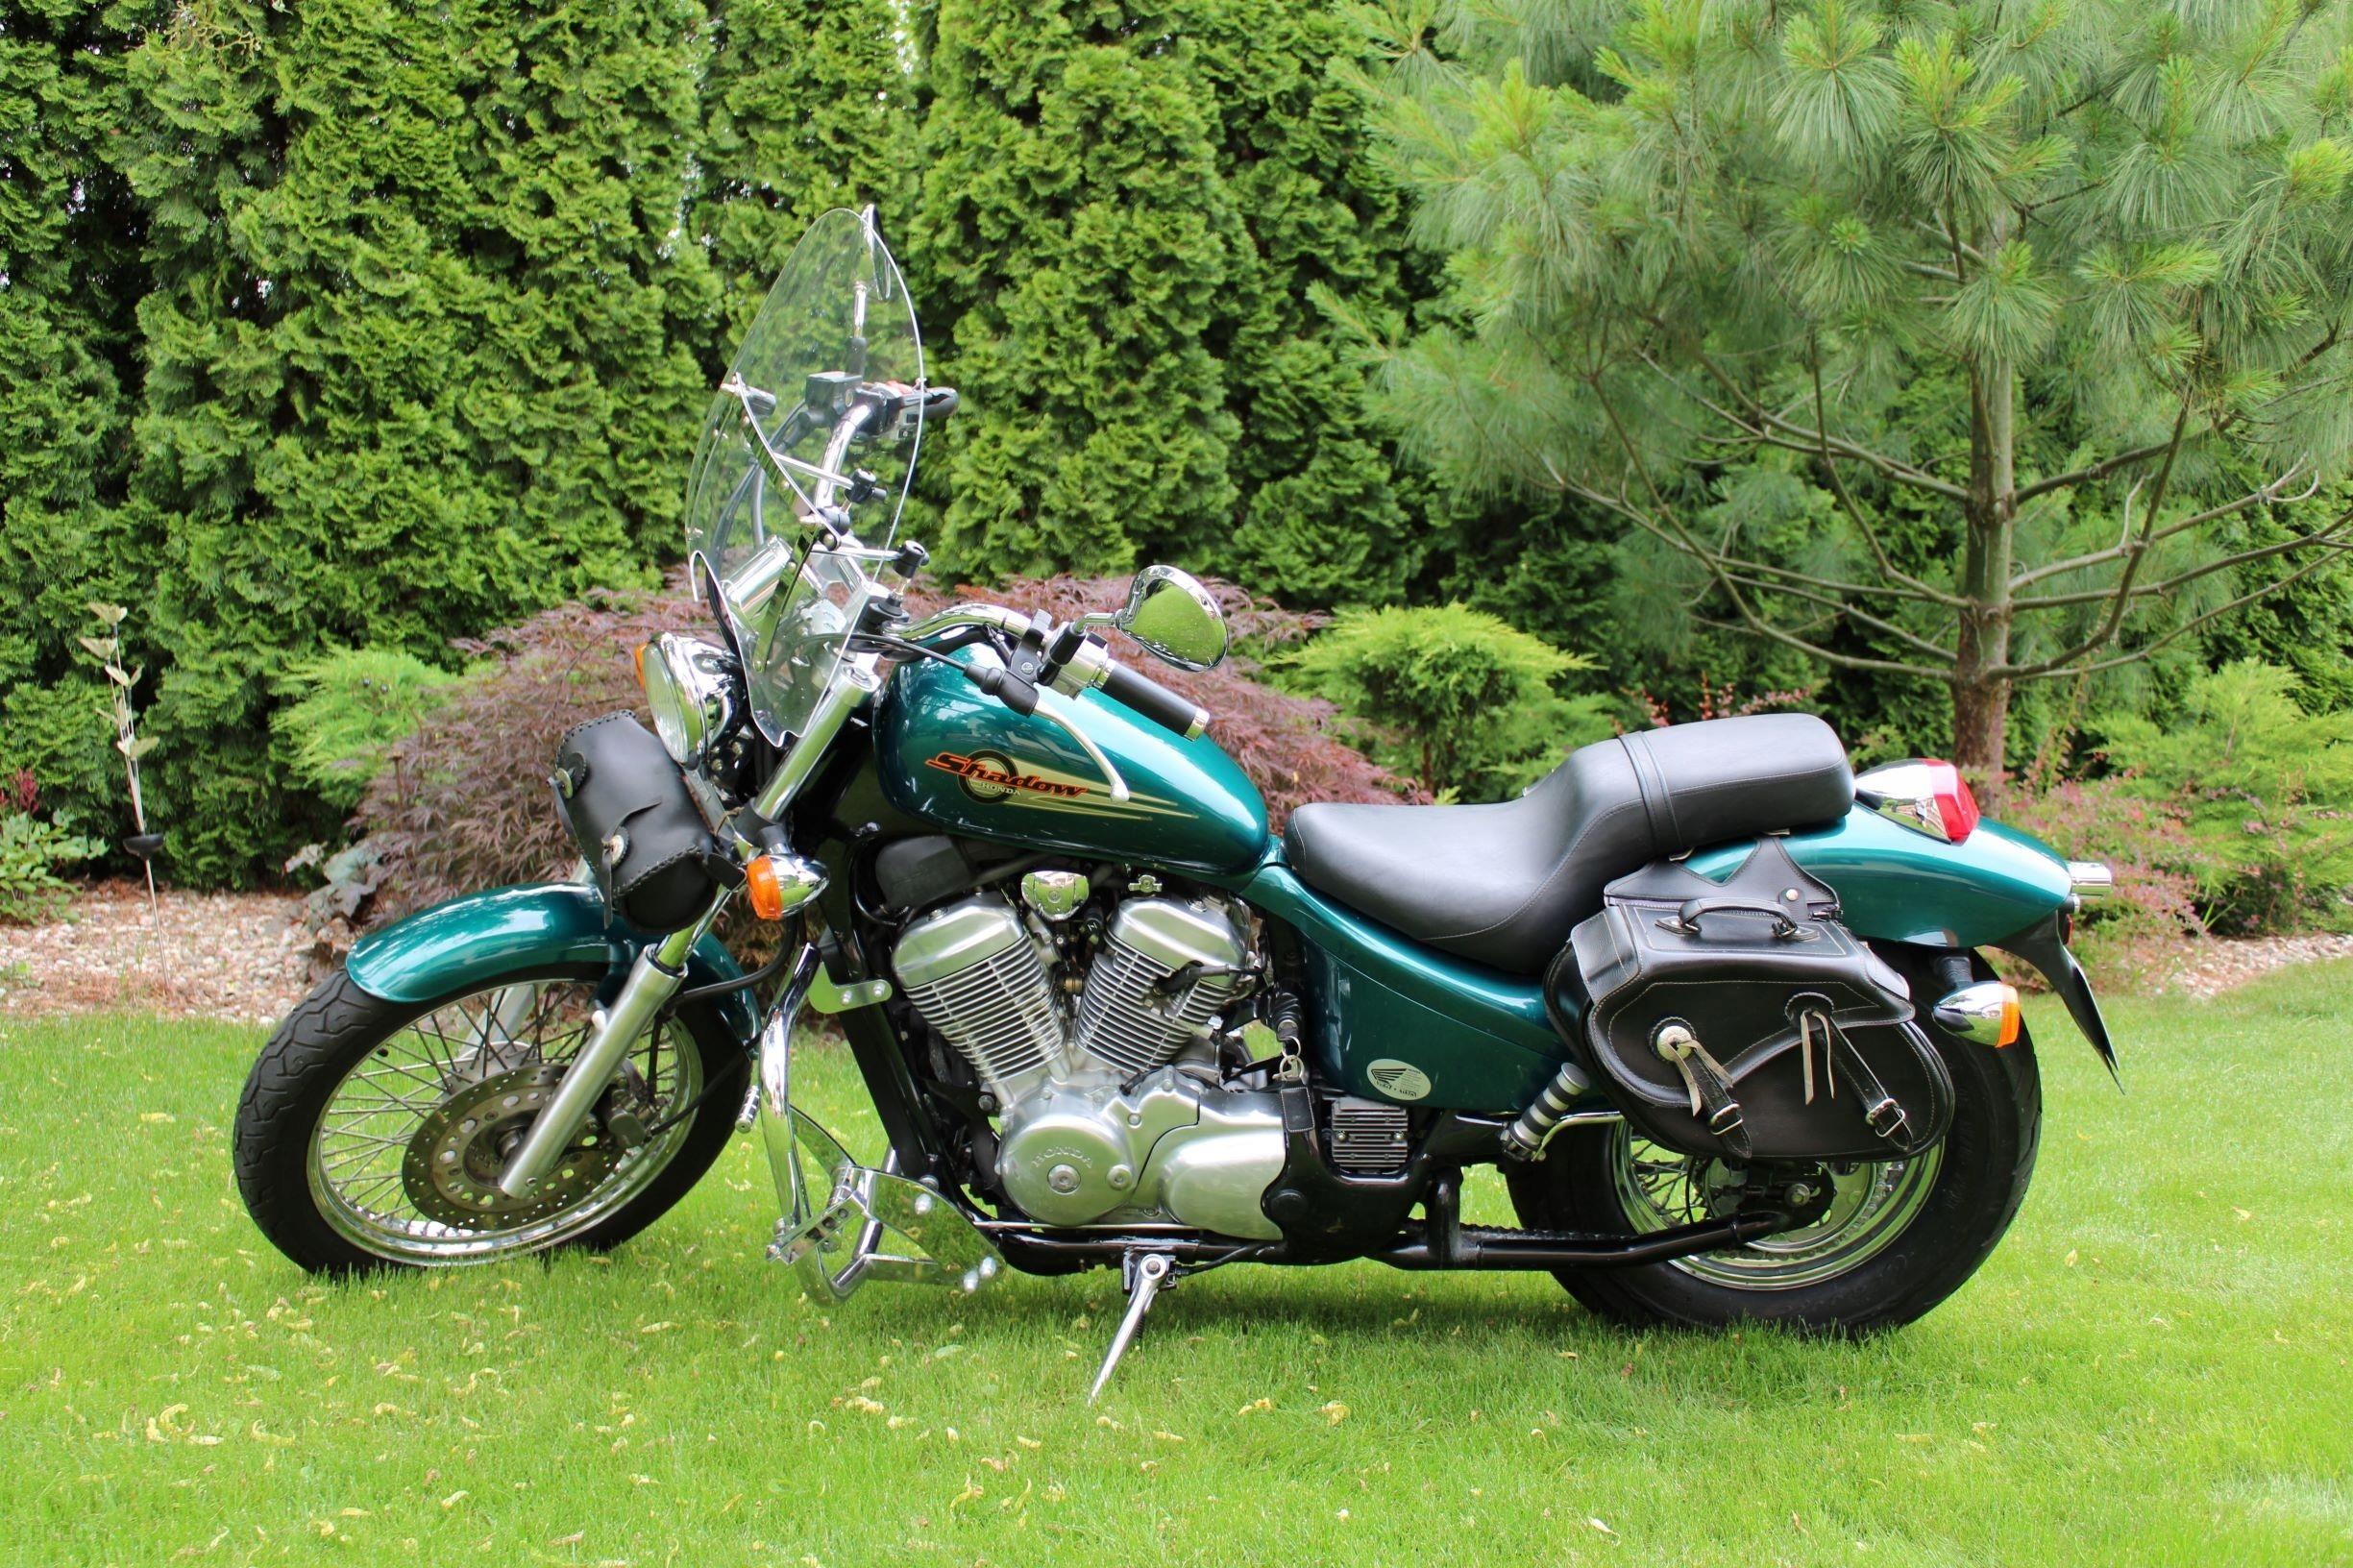 Motor Honda Shadow Vt 600 C 1998r Opinie I Ceny Na Ceneo Pl